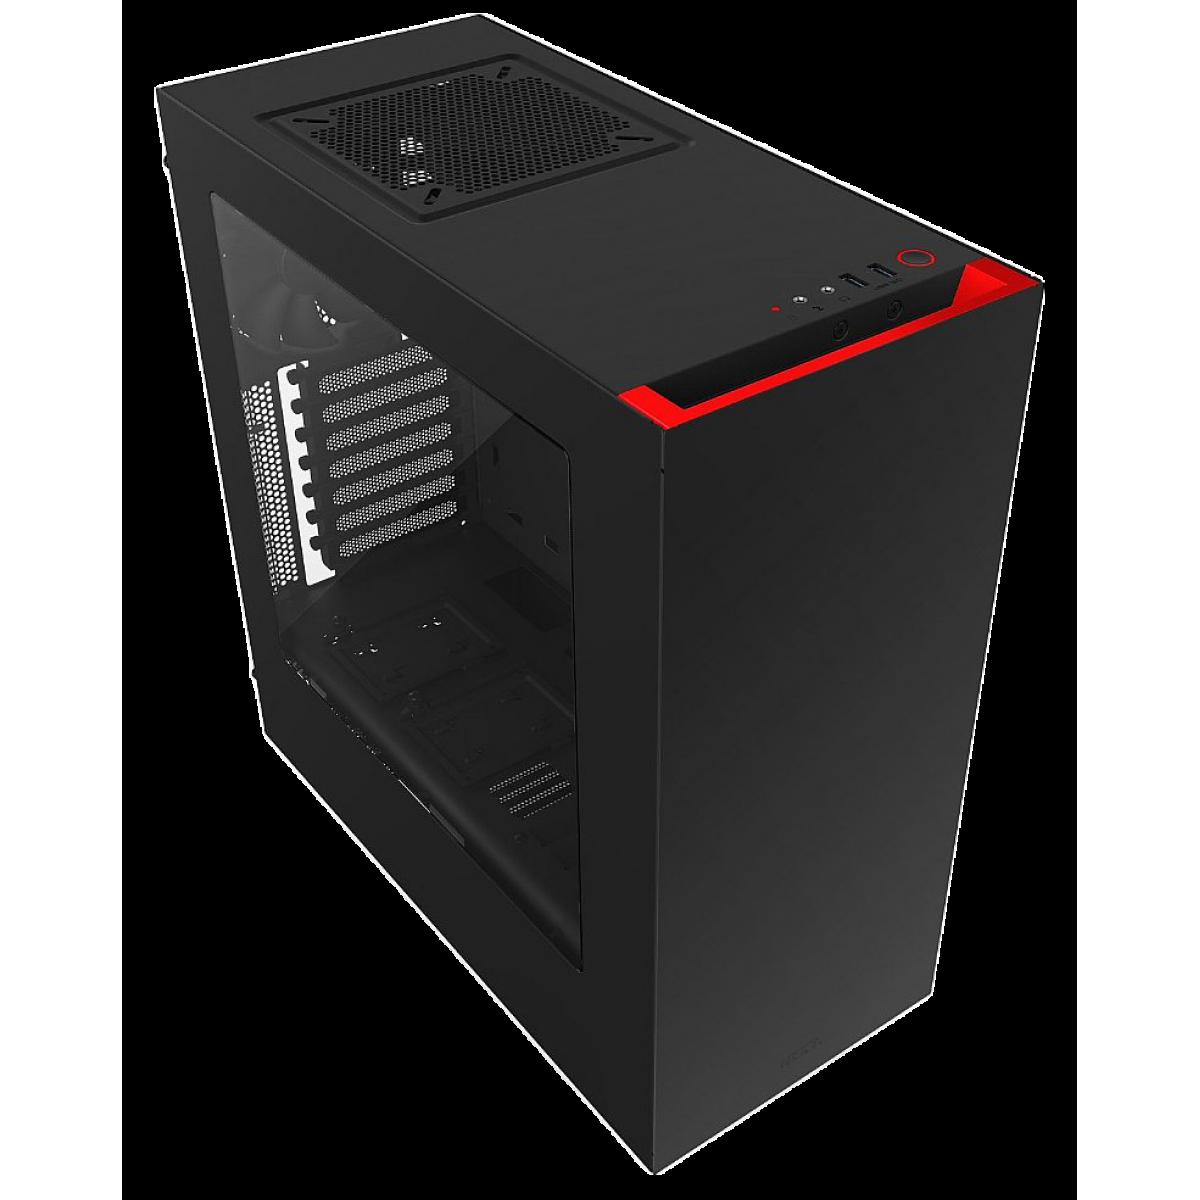 Gabinete Gamer NZXT S340, Mid Tower, Com 2 Fans, Vidro Temperado, Black-Red, S-Fonte, CA-S340MB-GR